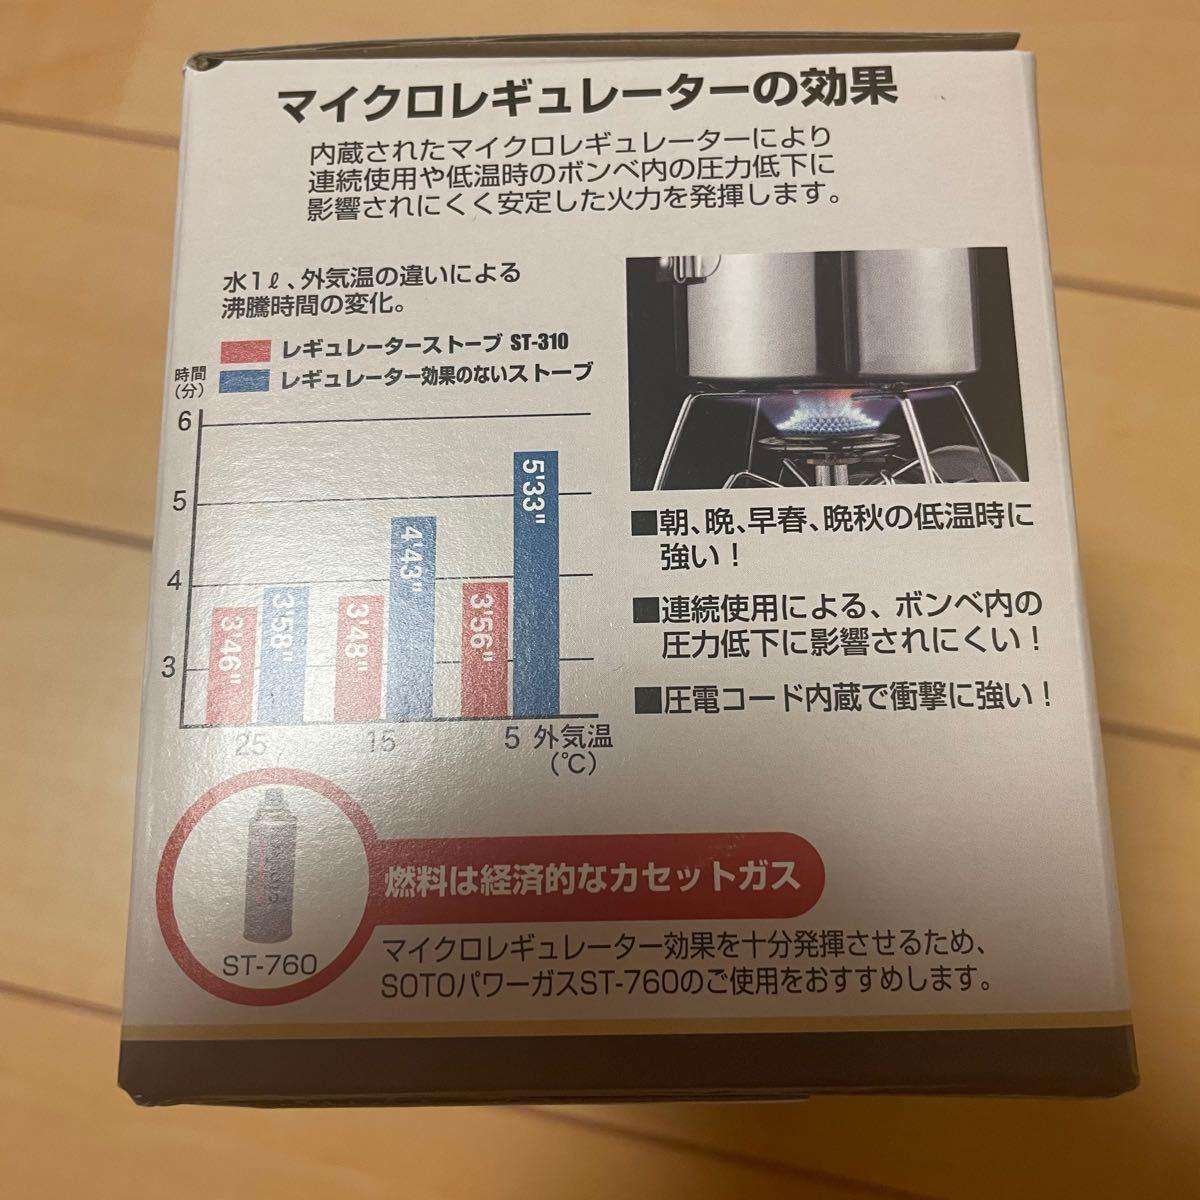 【新品】SOTO レギュレーターストーブ ST-310 シングルバーナー